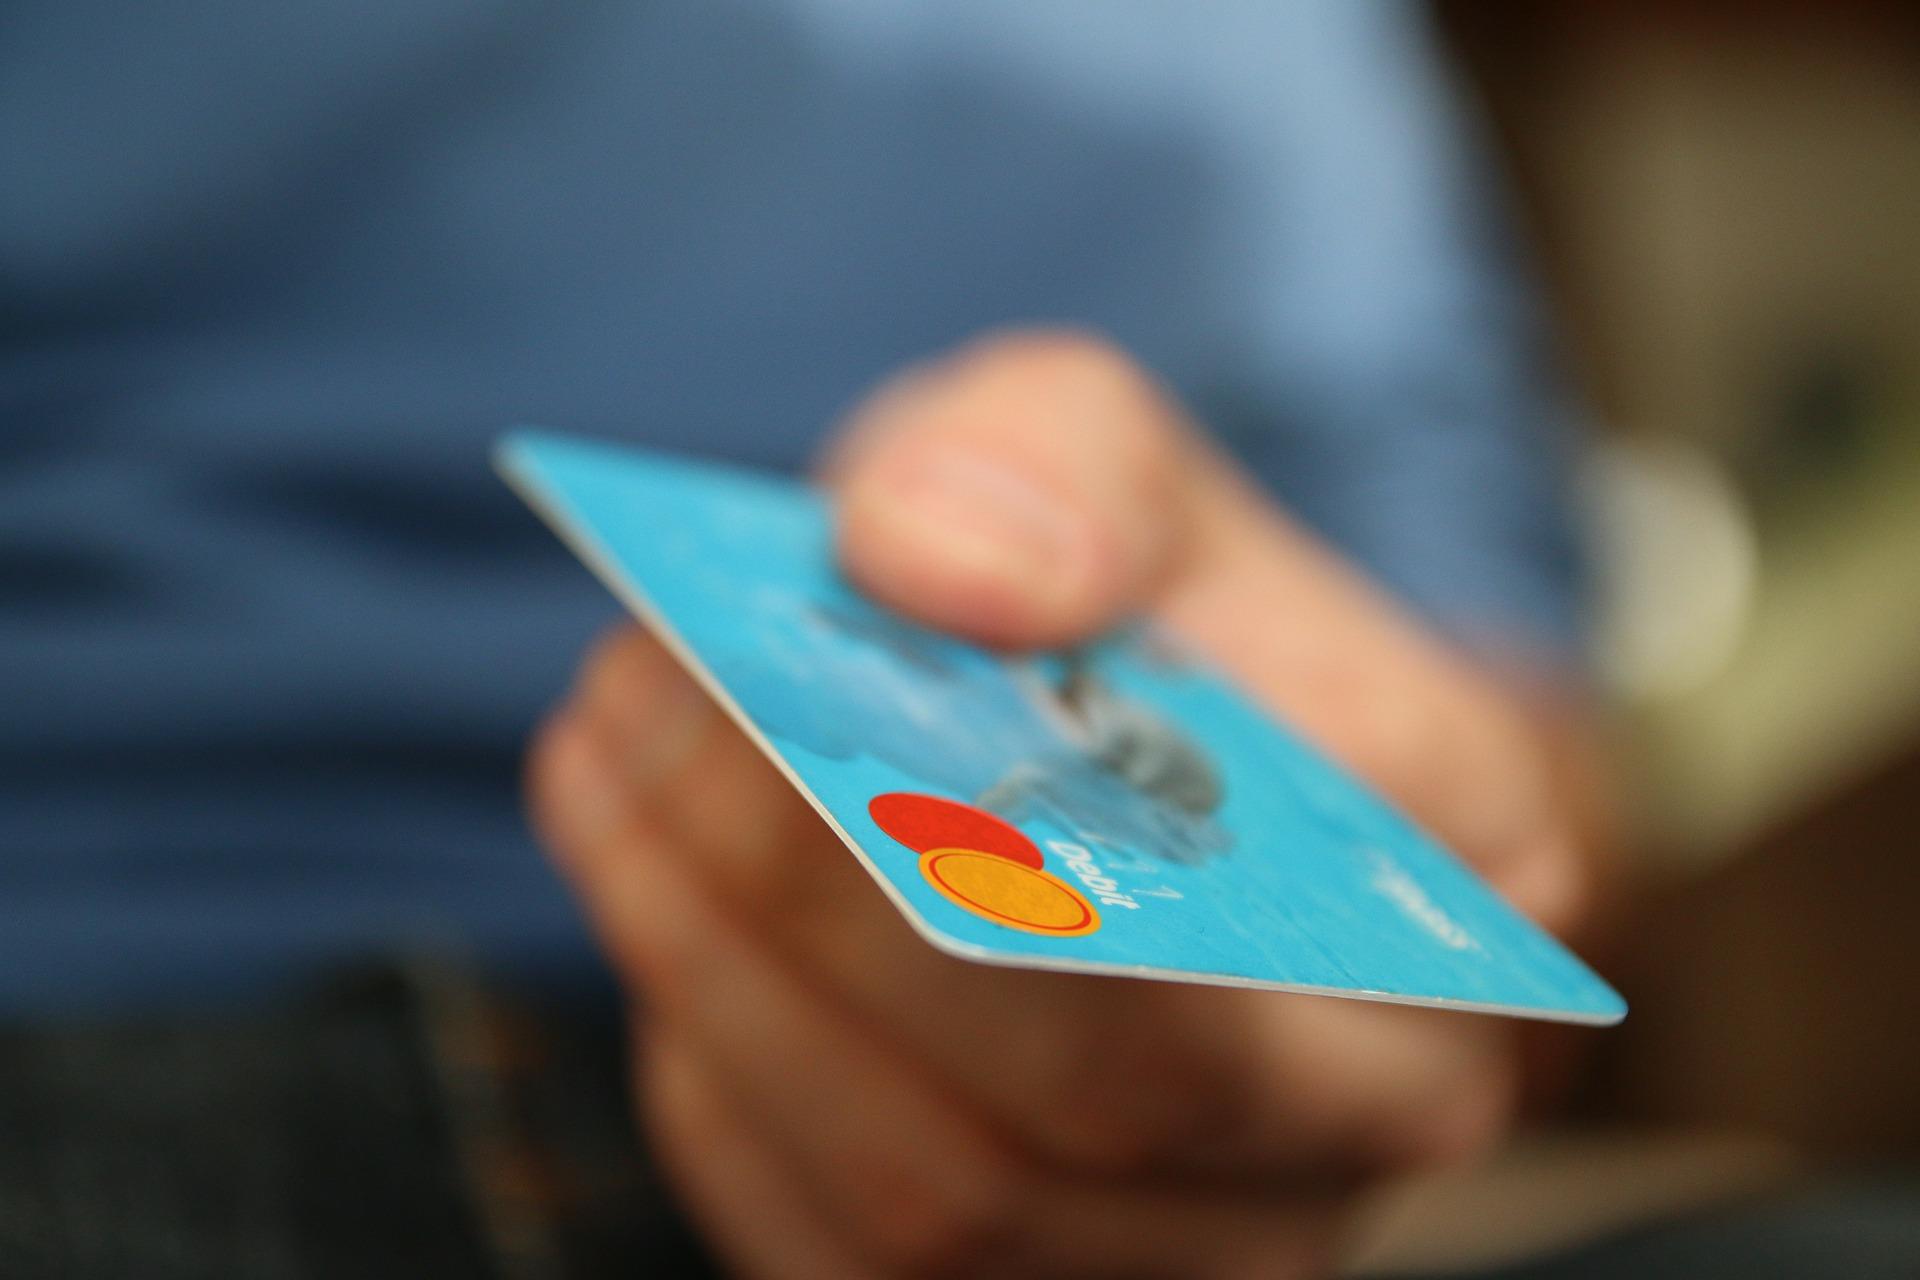 «Реальный» номер поддельной кредитной карты